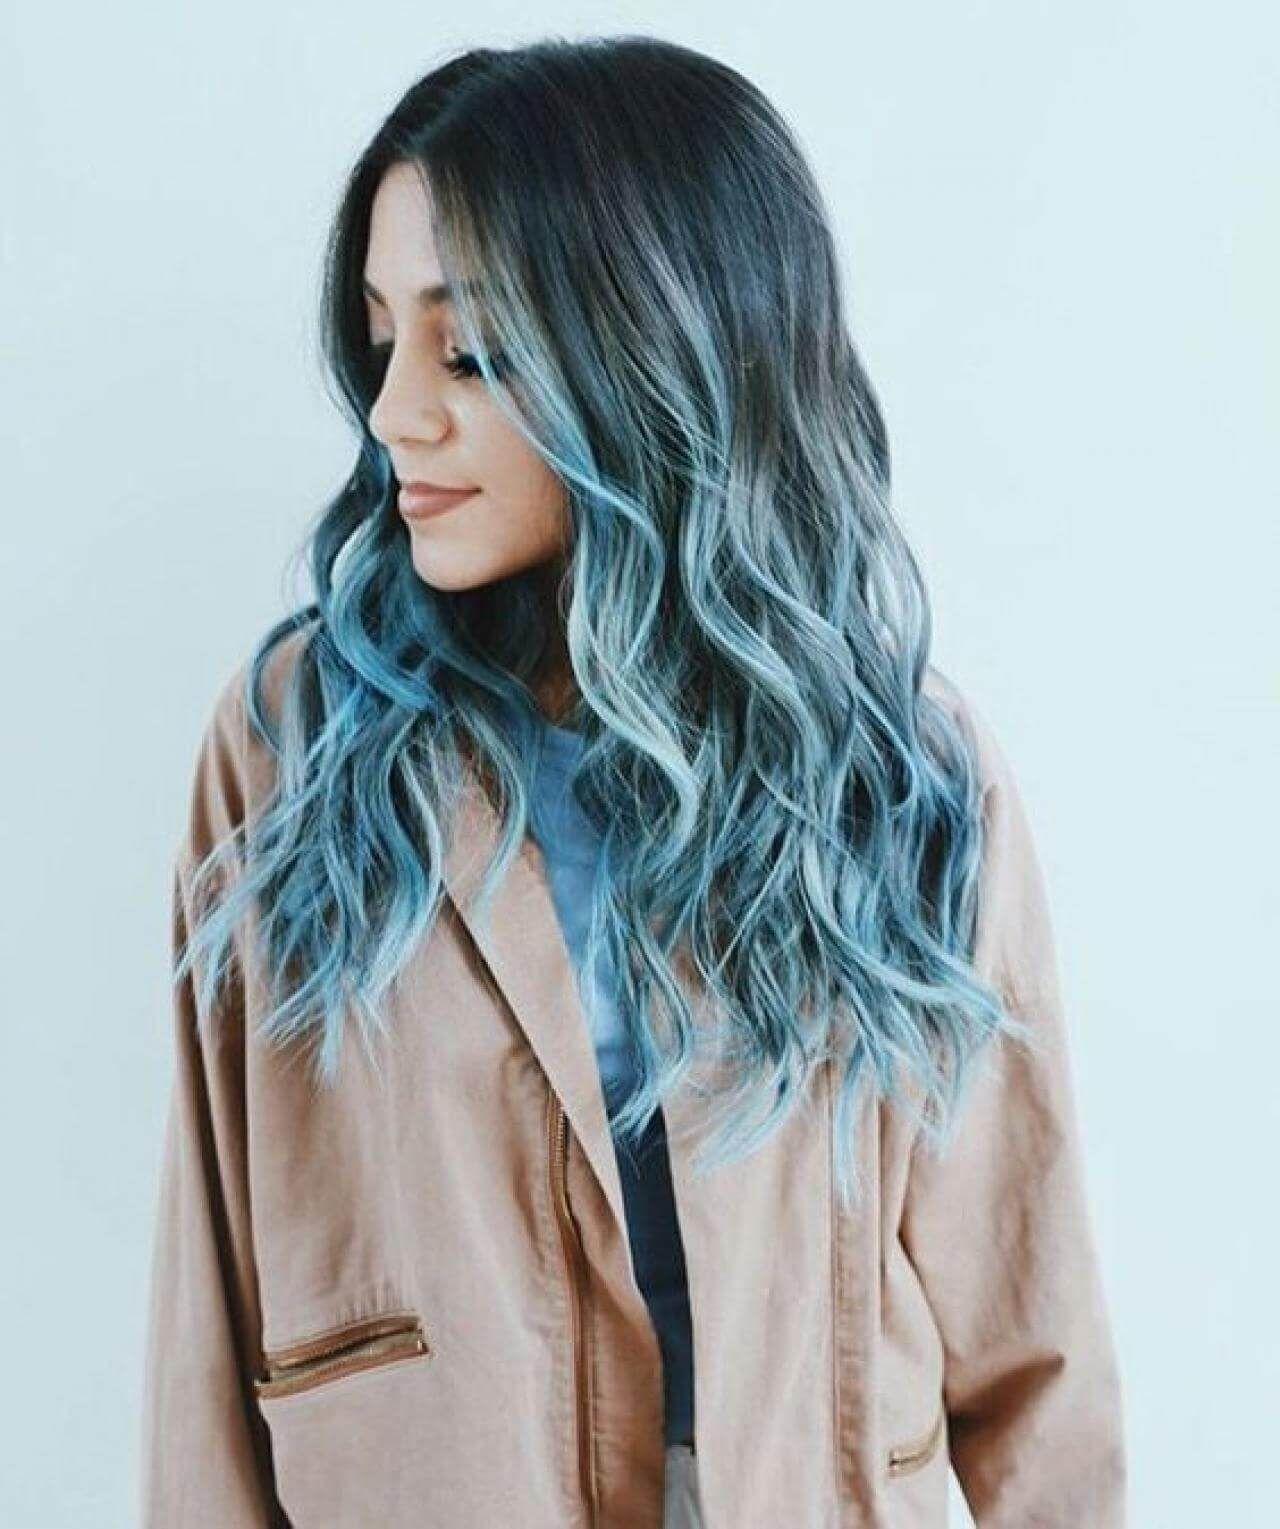 50 divertidas ideas para el cabello azul se vuelven más aventureras con tu cabello